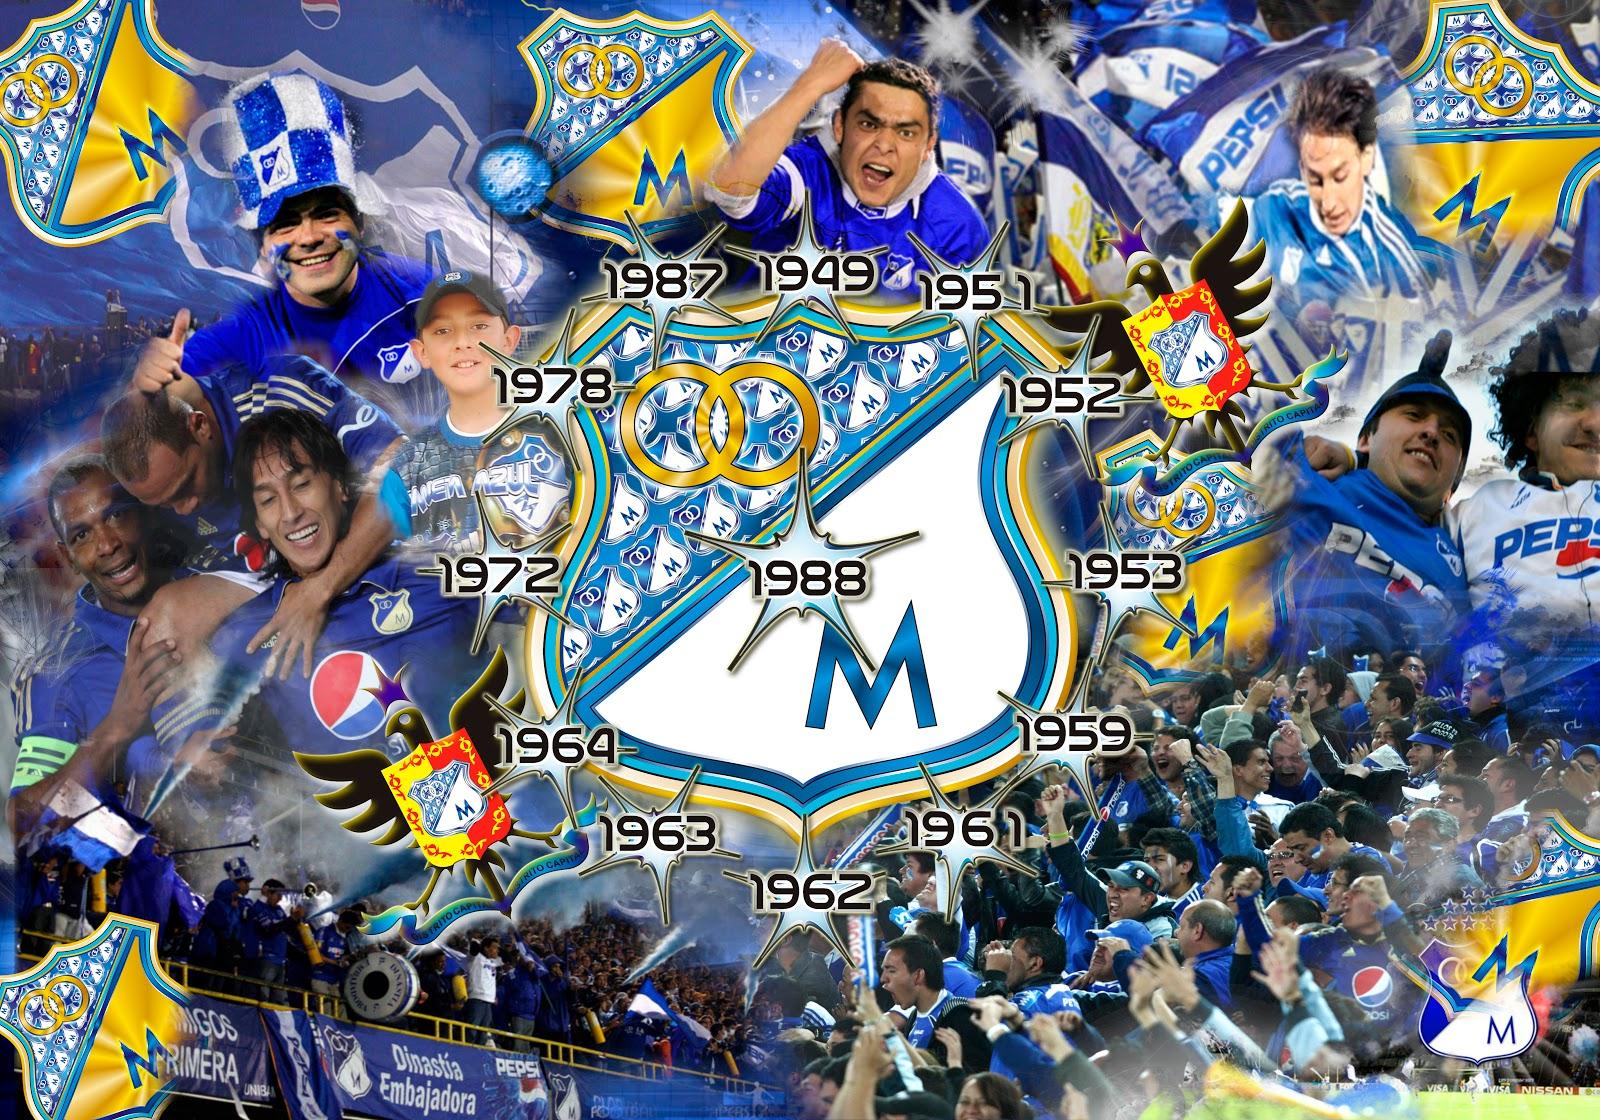 BANDERA MILLONARIOS FC